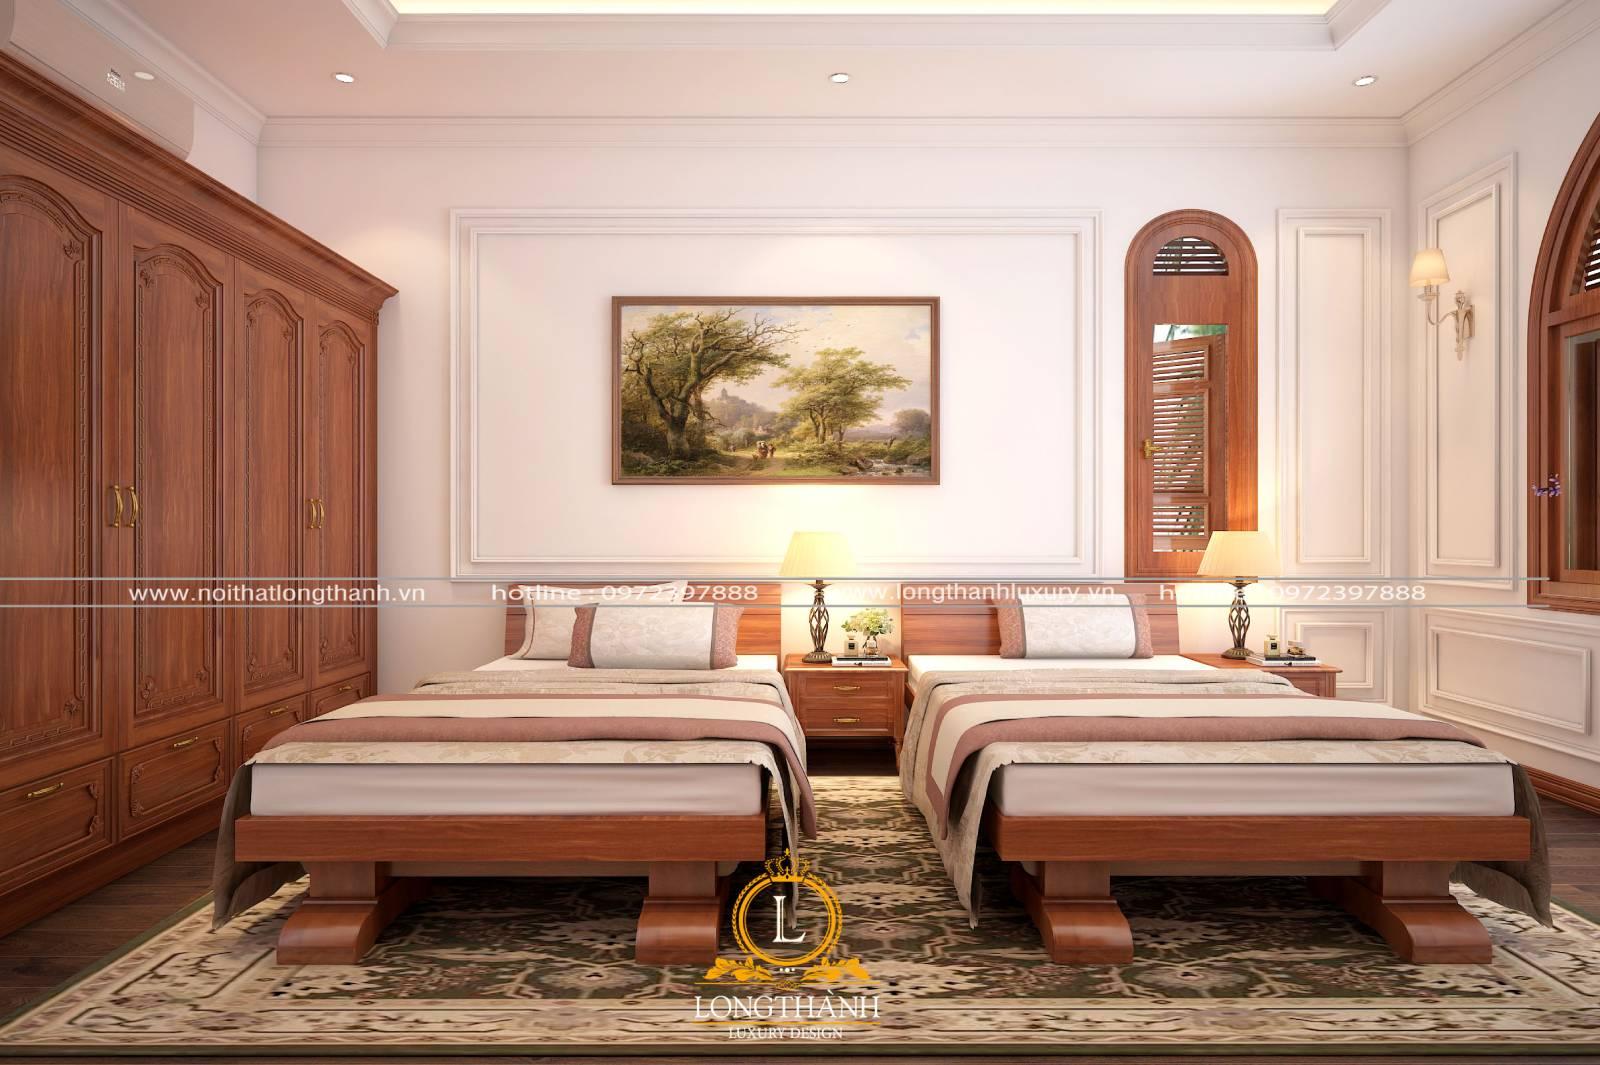 Phòng ngủ khách sạn tân cổ điển rộng hai giường đơn